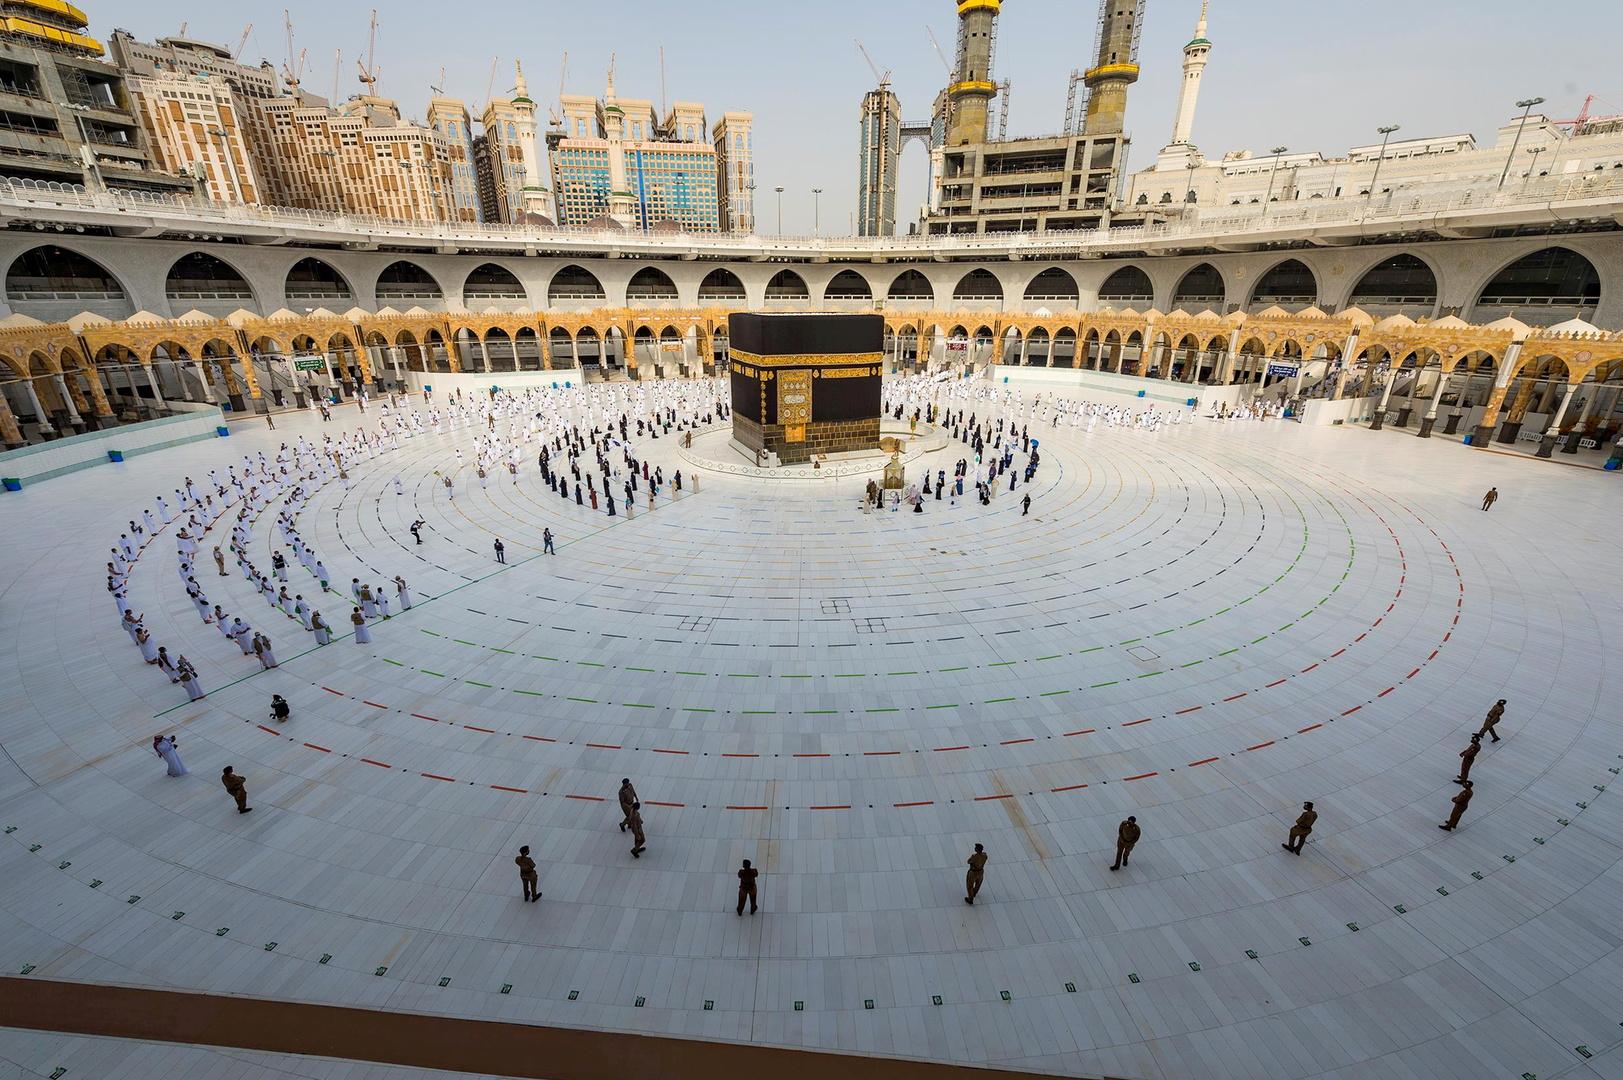 السعودية تعلن شروط الحج.. السماح للمرأة التسجيل دون محرم وللأشخاص الذين لم يسبق لهم أداء الفريضة